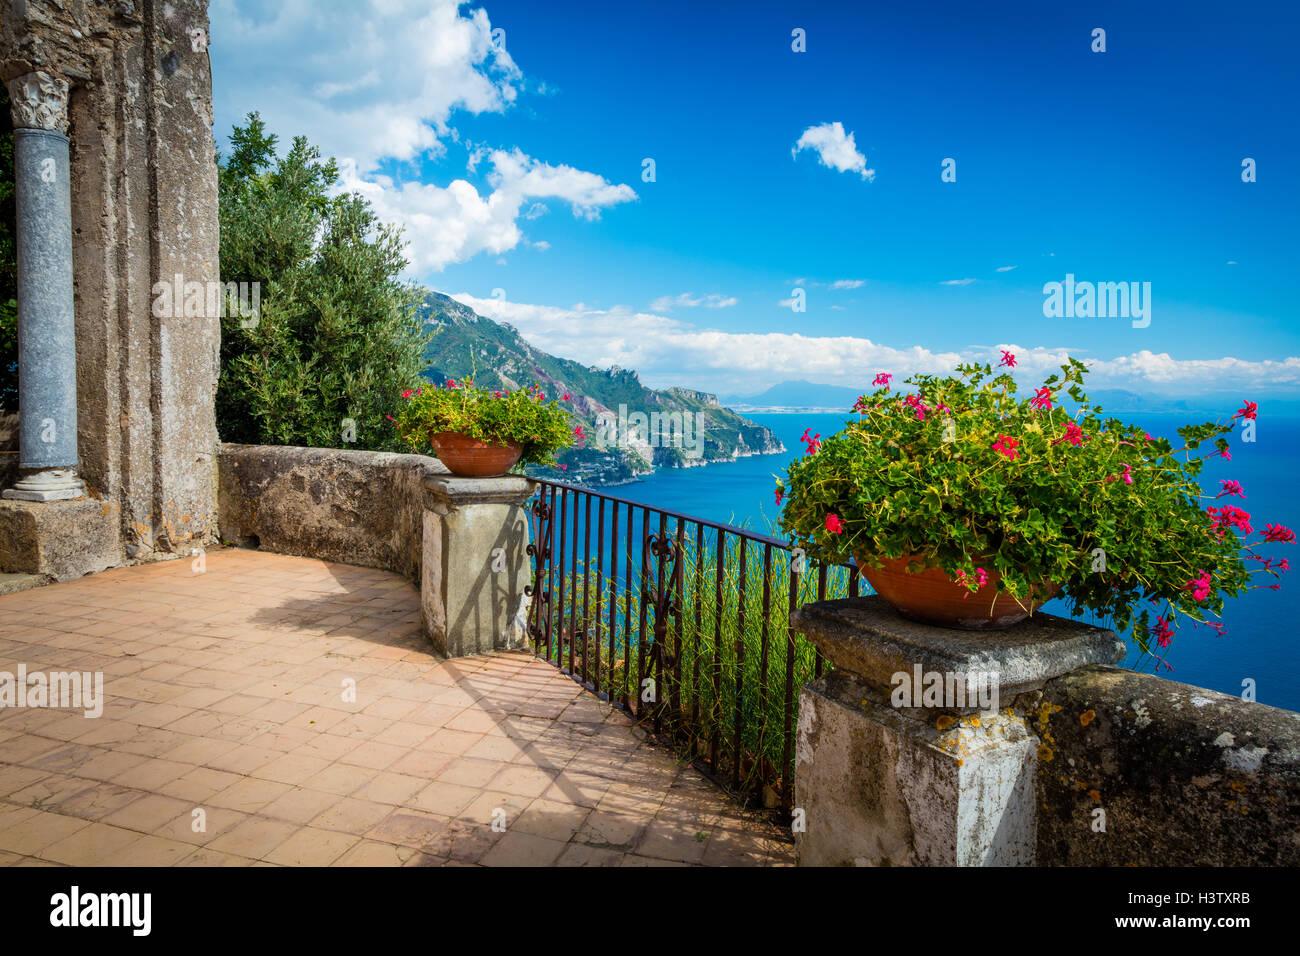 Villa Cimbrone è un edificio storico a Ravello sulla costiera amalfitana del sud Italia. Immagini Stock